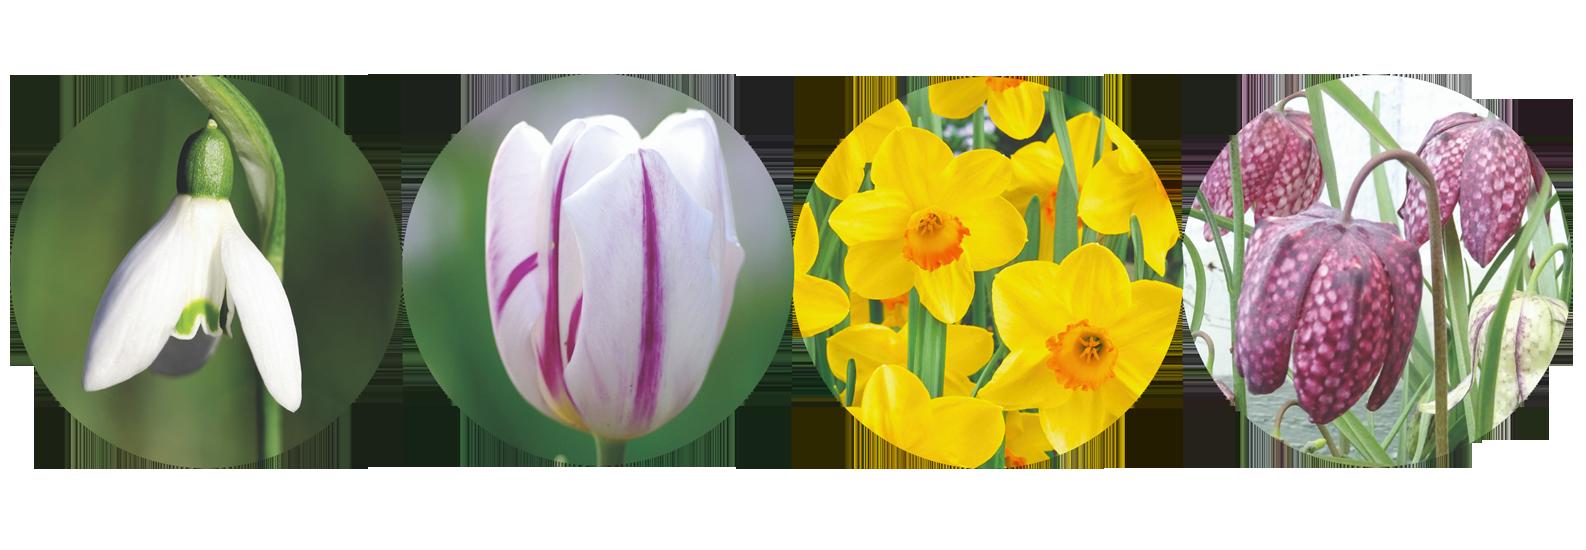 Spring Flowering Bulbs 2019.png